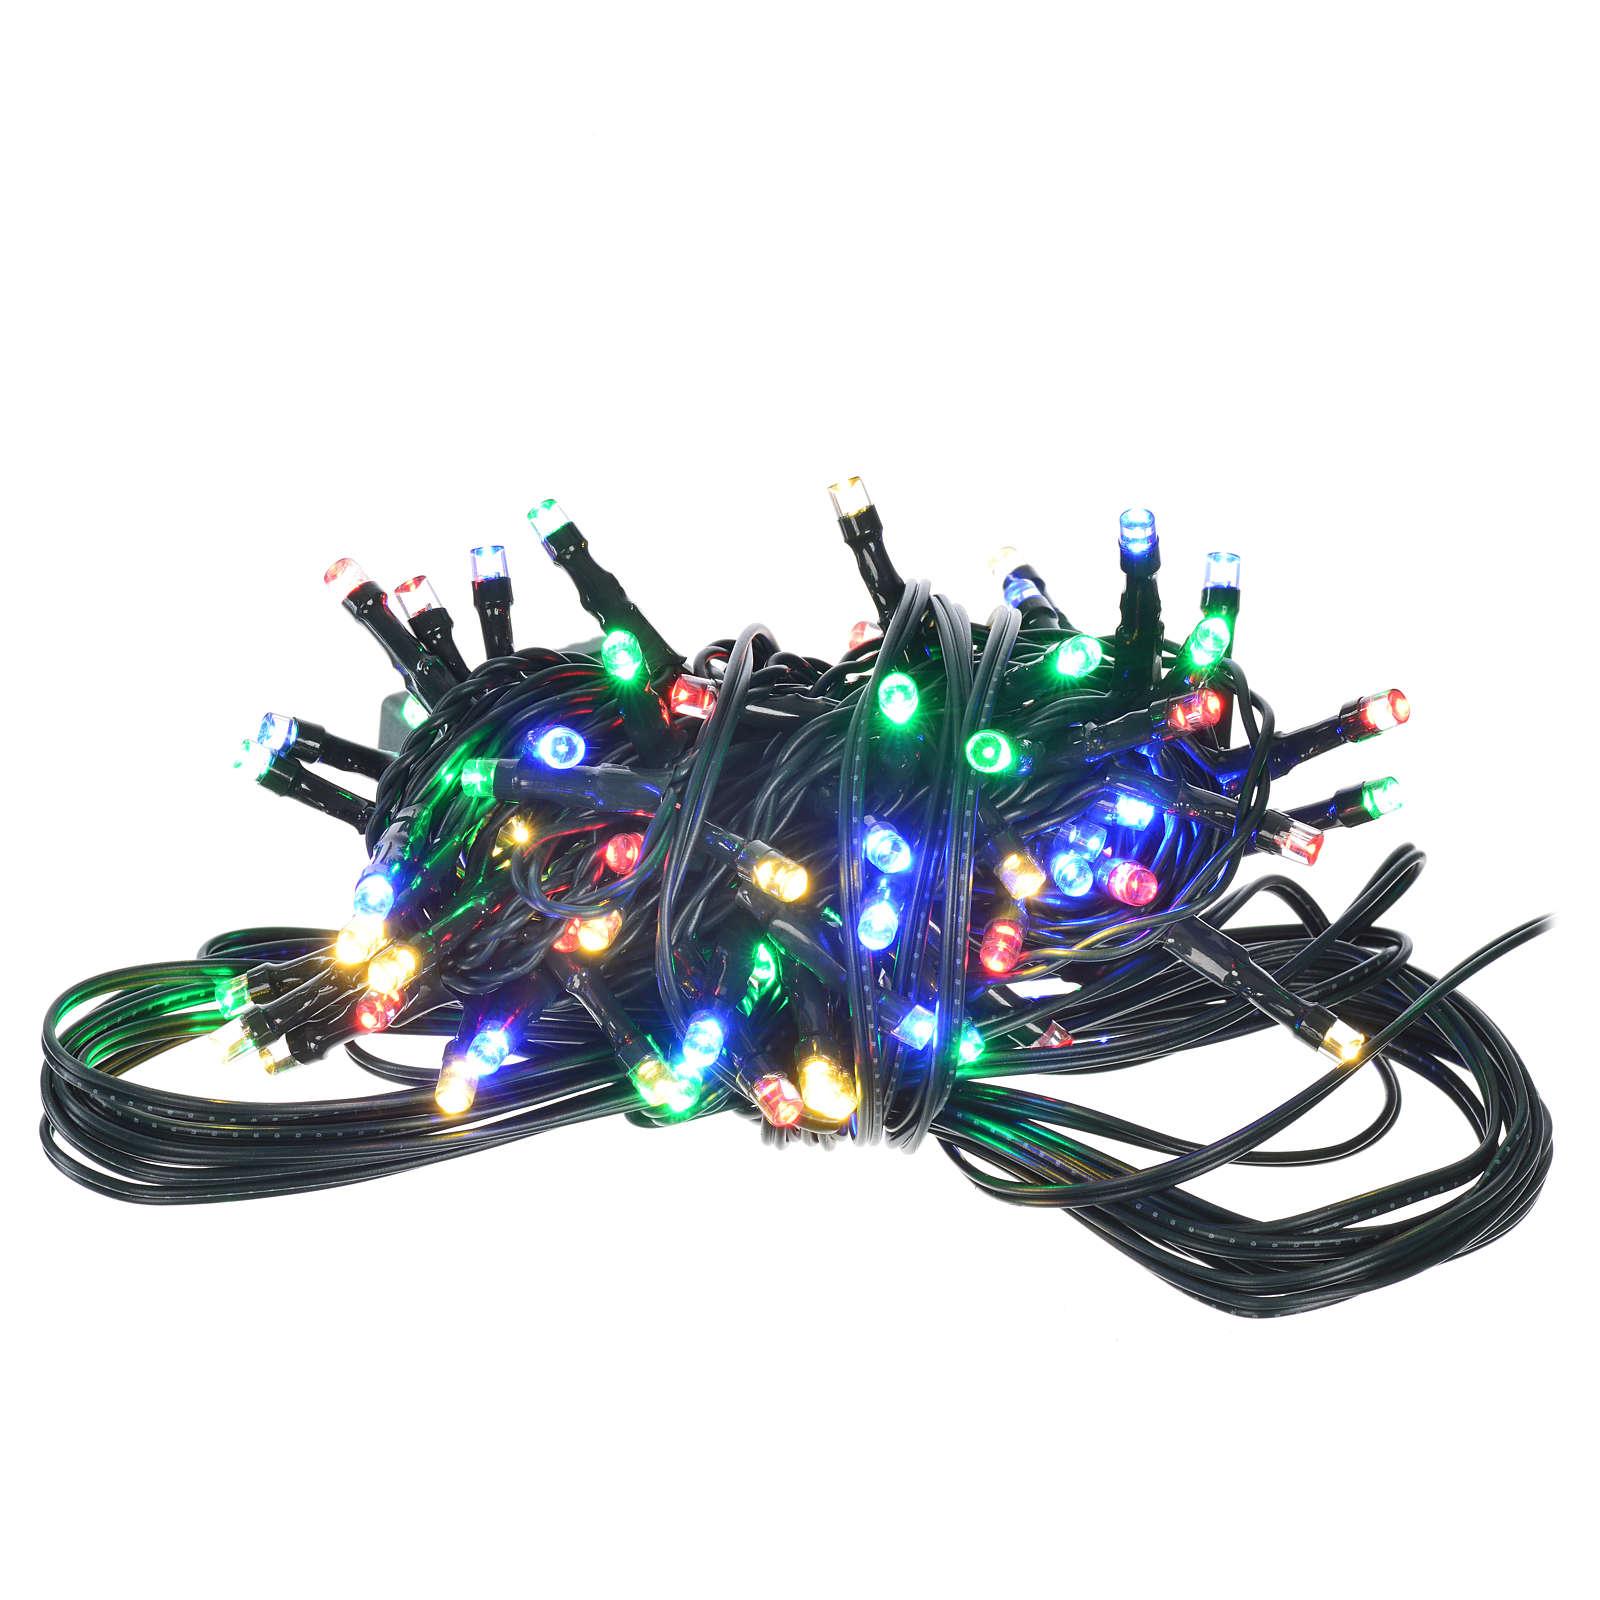 Luce natalizia 96 led programmabili multicolor interno/esterno 3